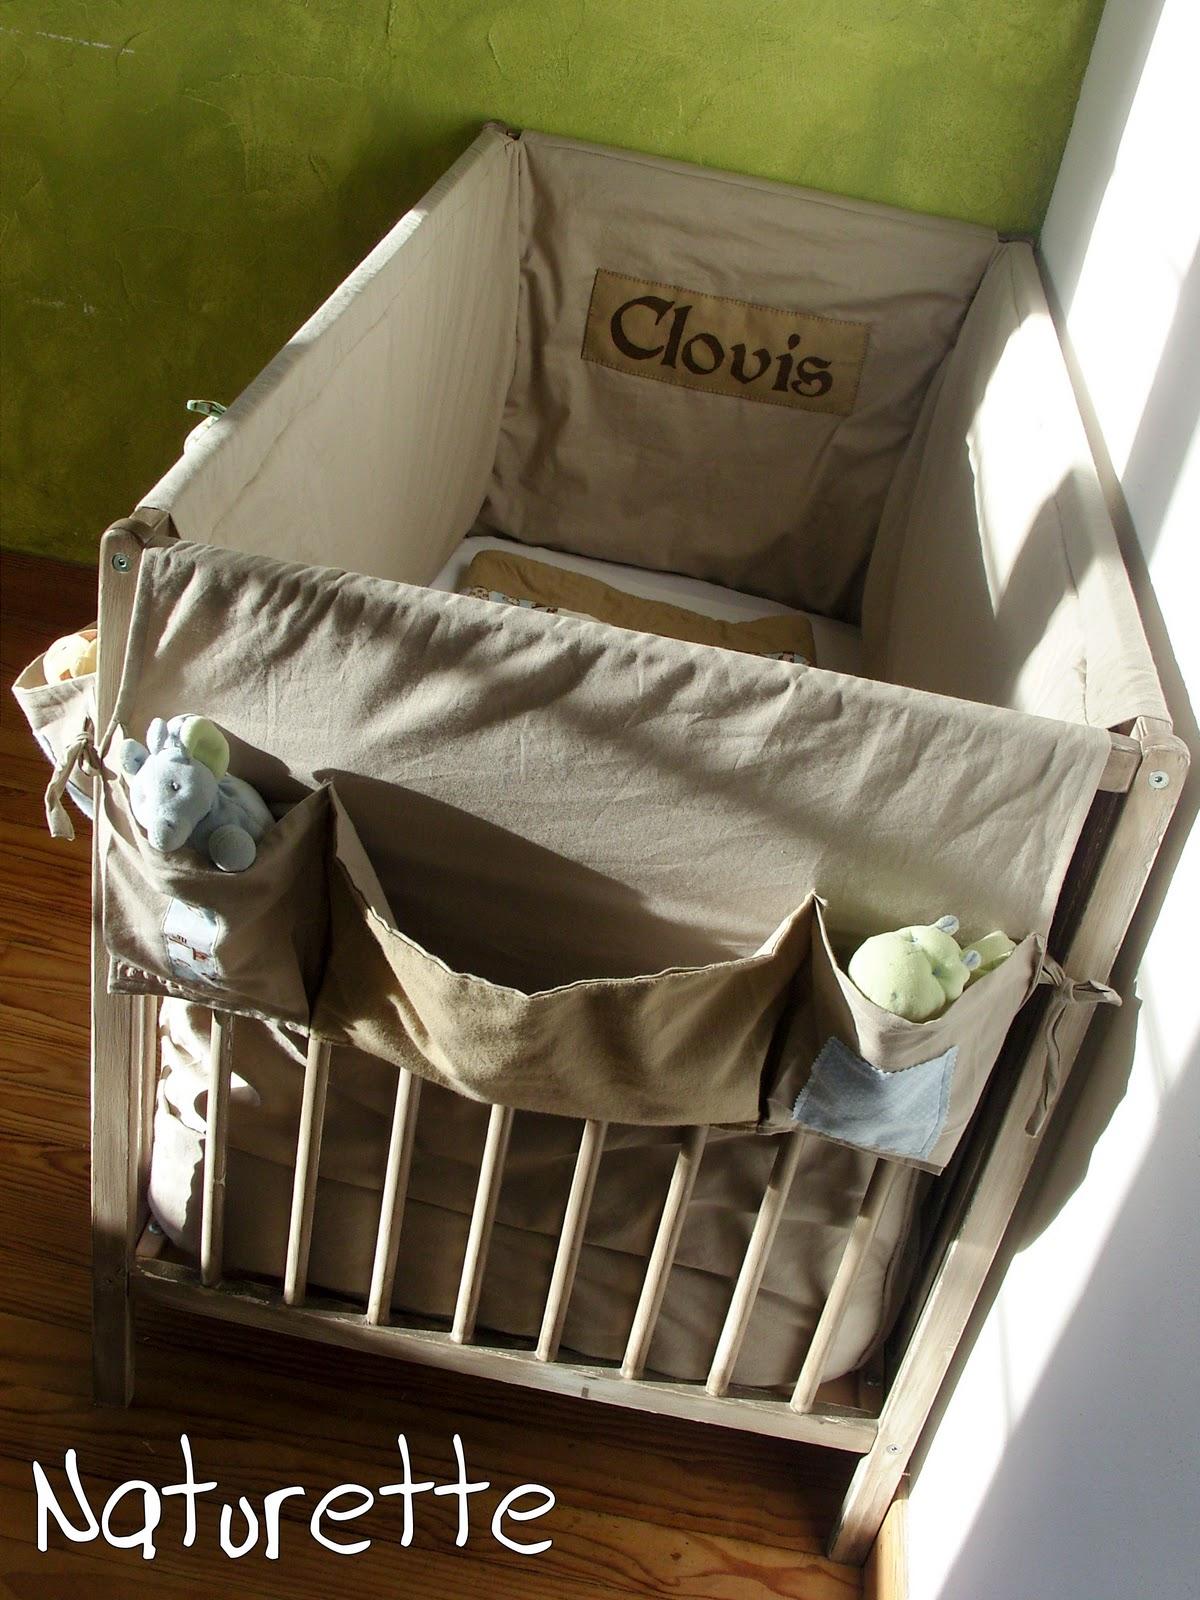 naturette tour de lit b b. Black Bedroom Furniture Sets. Home Design Ideas